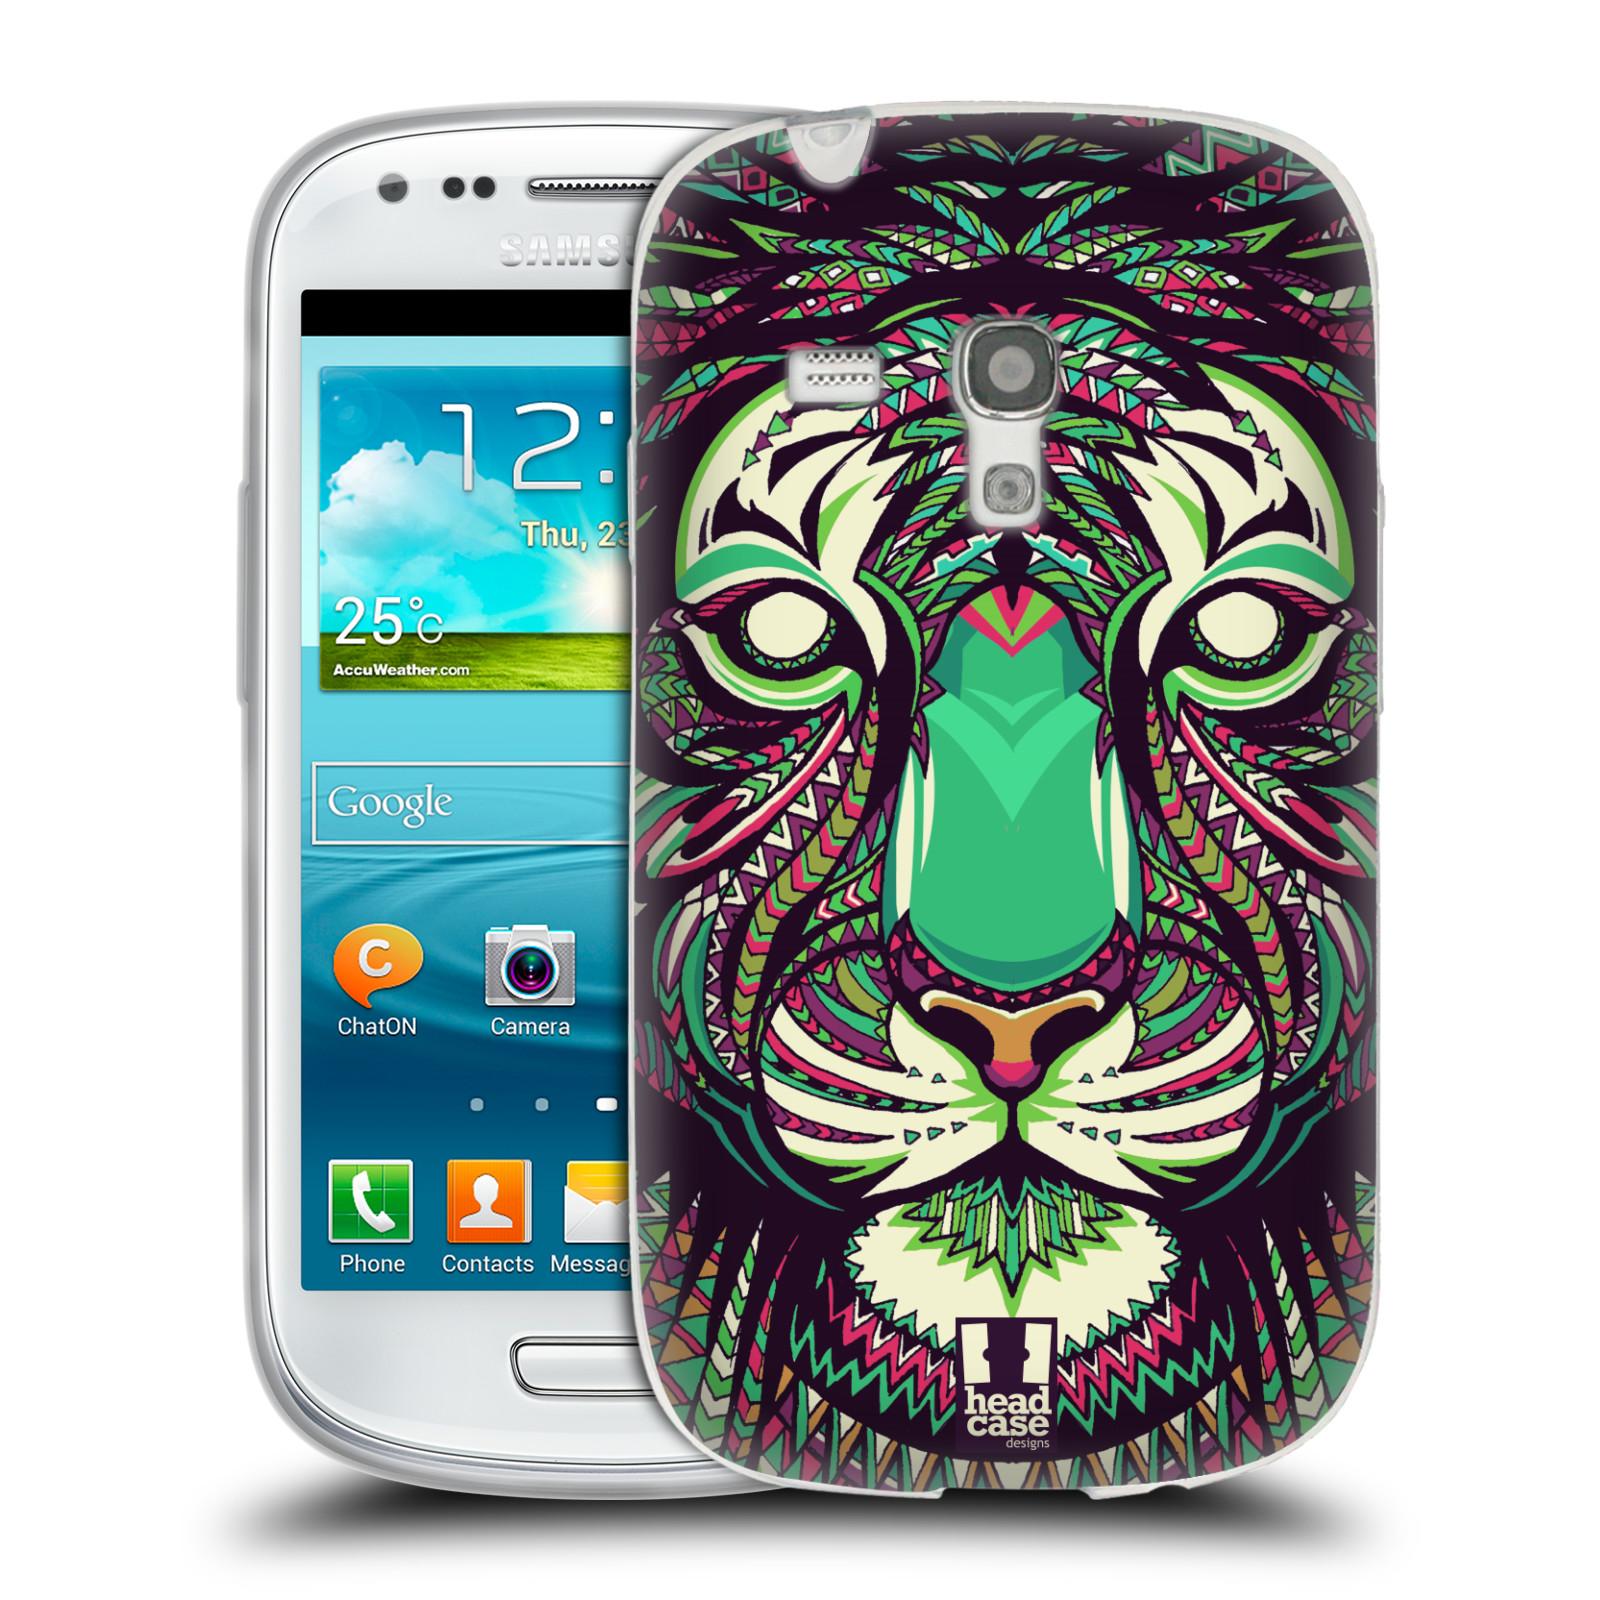 HEAD CASE silikonový obal na mobil Samsung Galaxy S3 MINI i8190 vzor Aztécký motiv zvíře 2 tygr